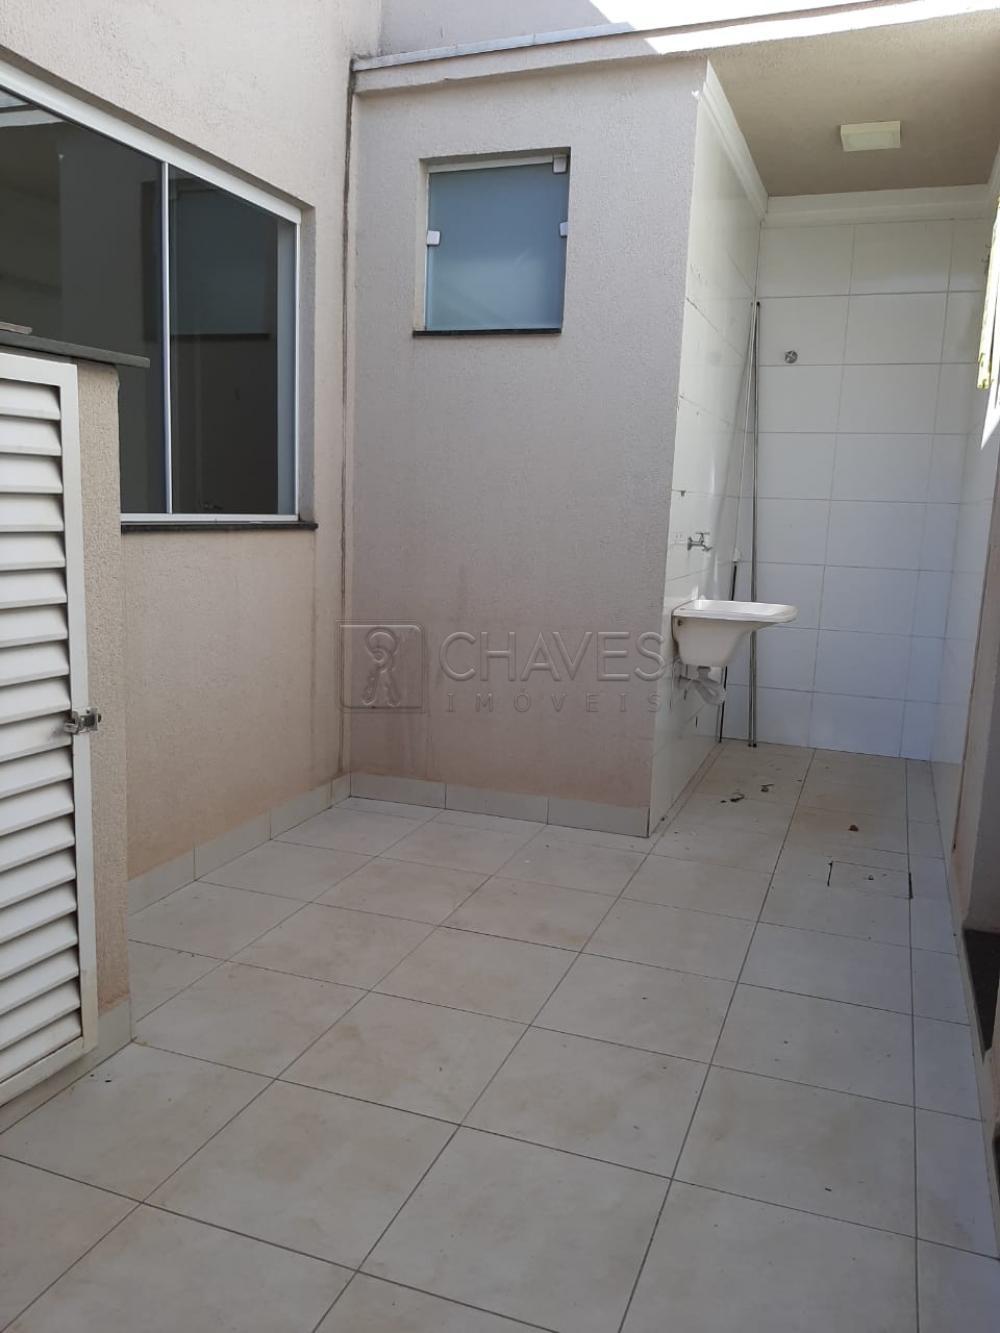 Alugar Comercial / casa em Ribeirão Preto apenas R$ 13.500,00 - Foto 12